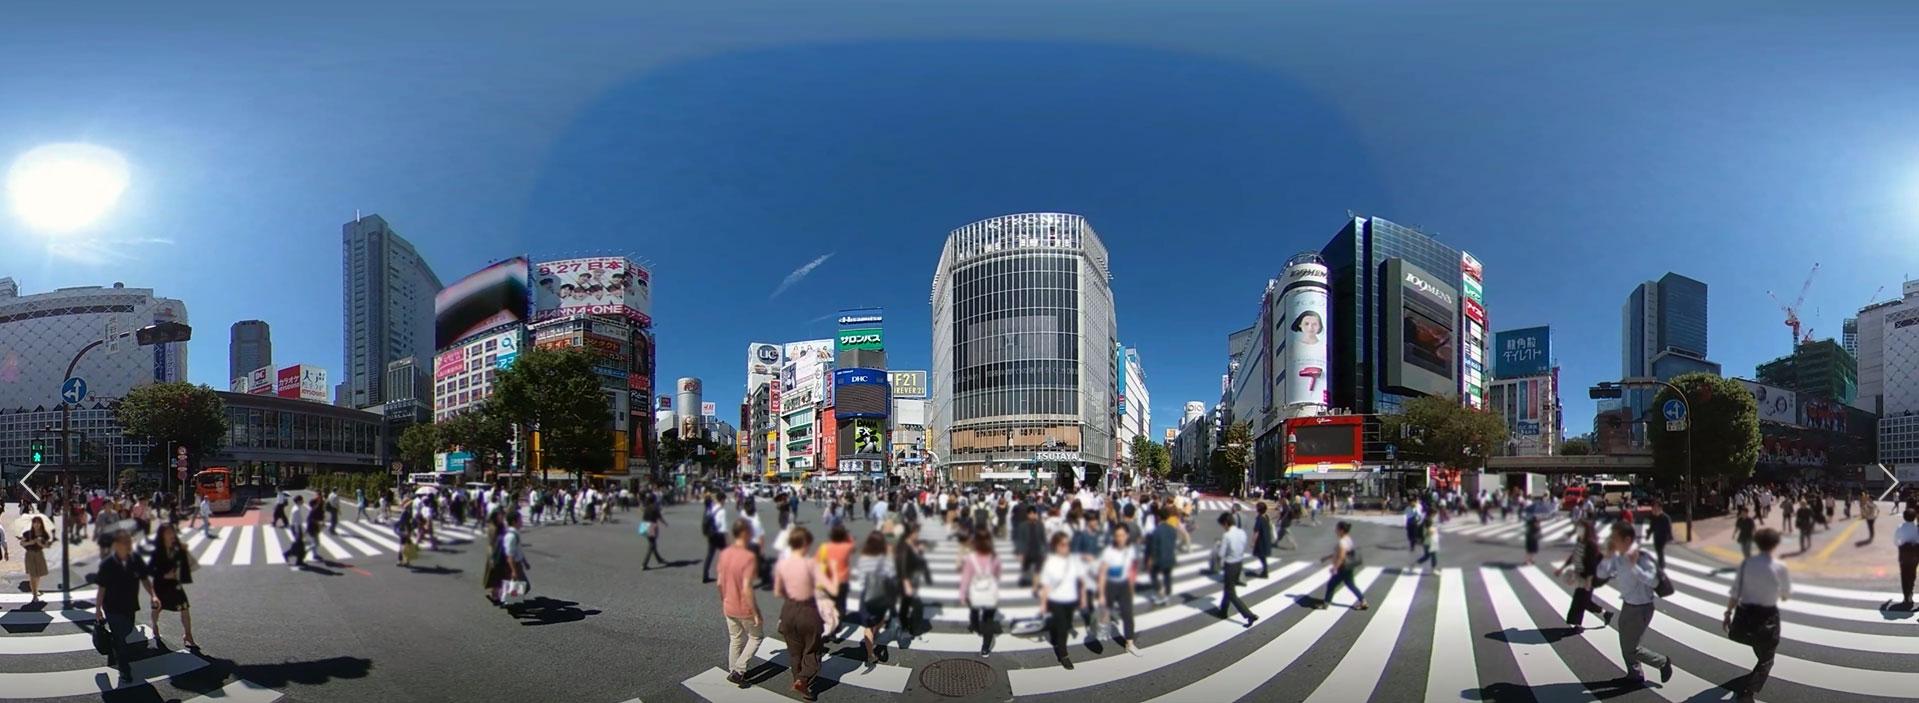 渋谷_スクランブル交差点